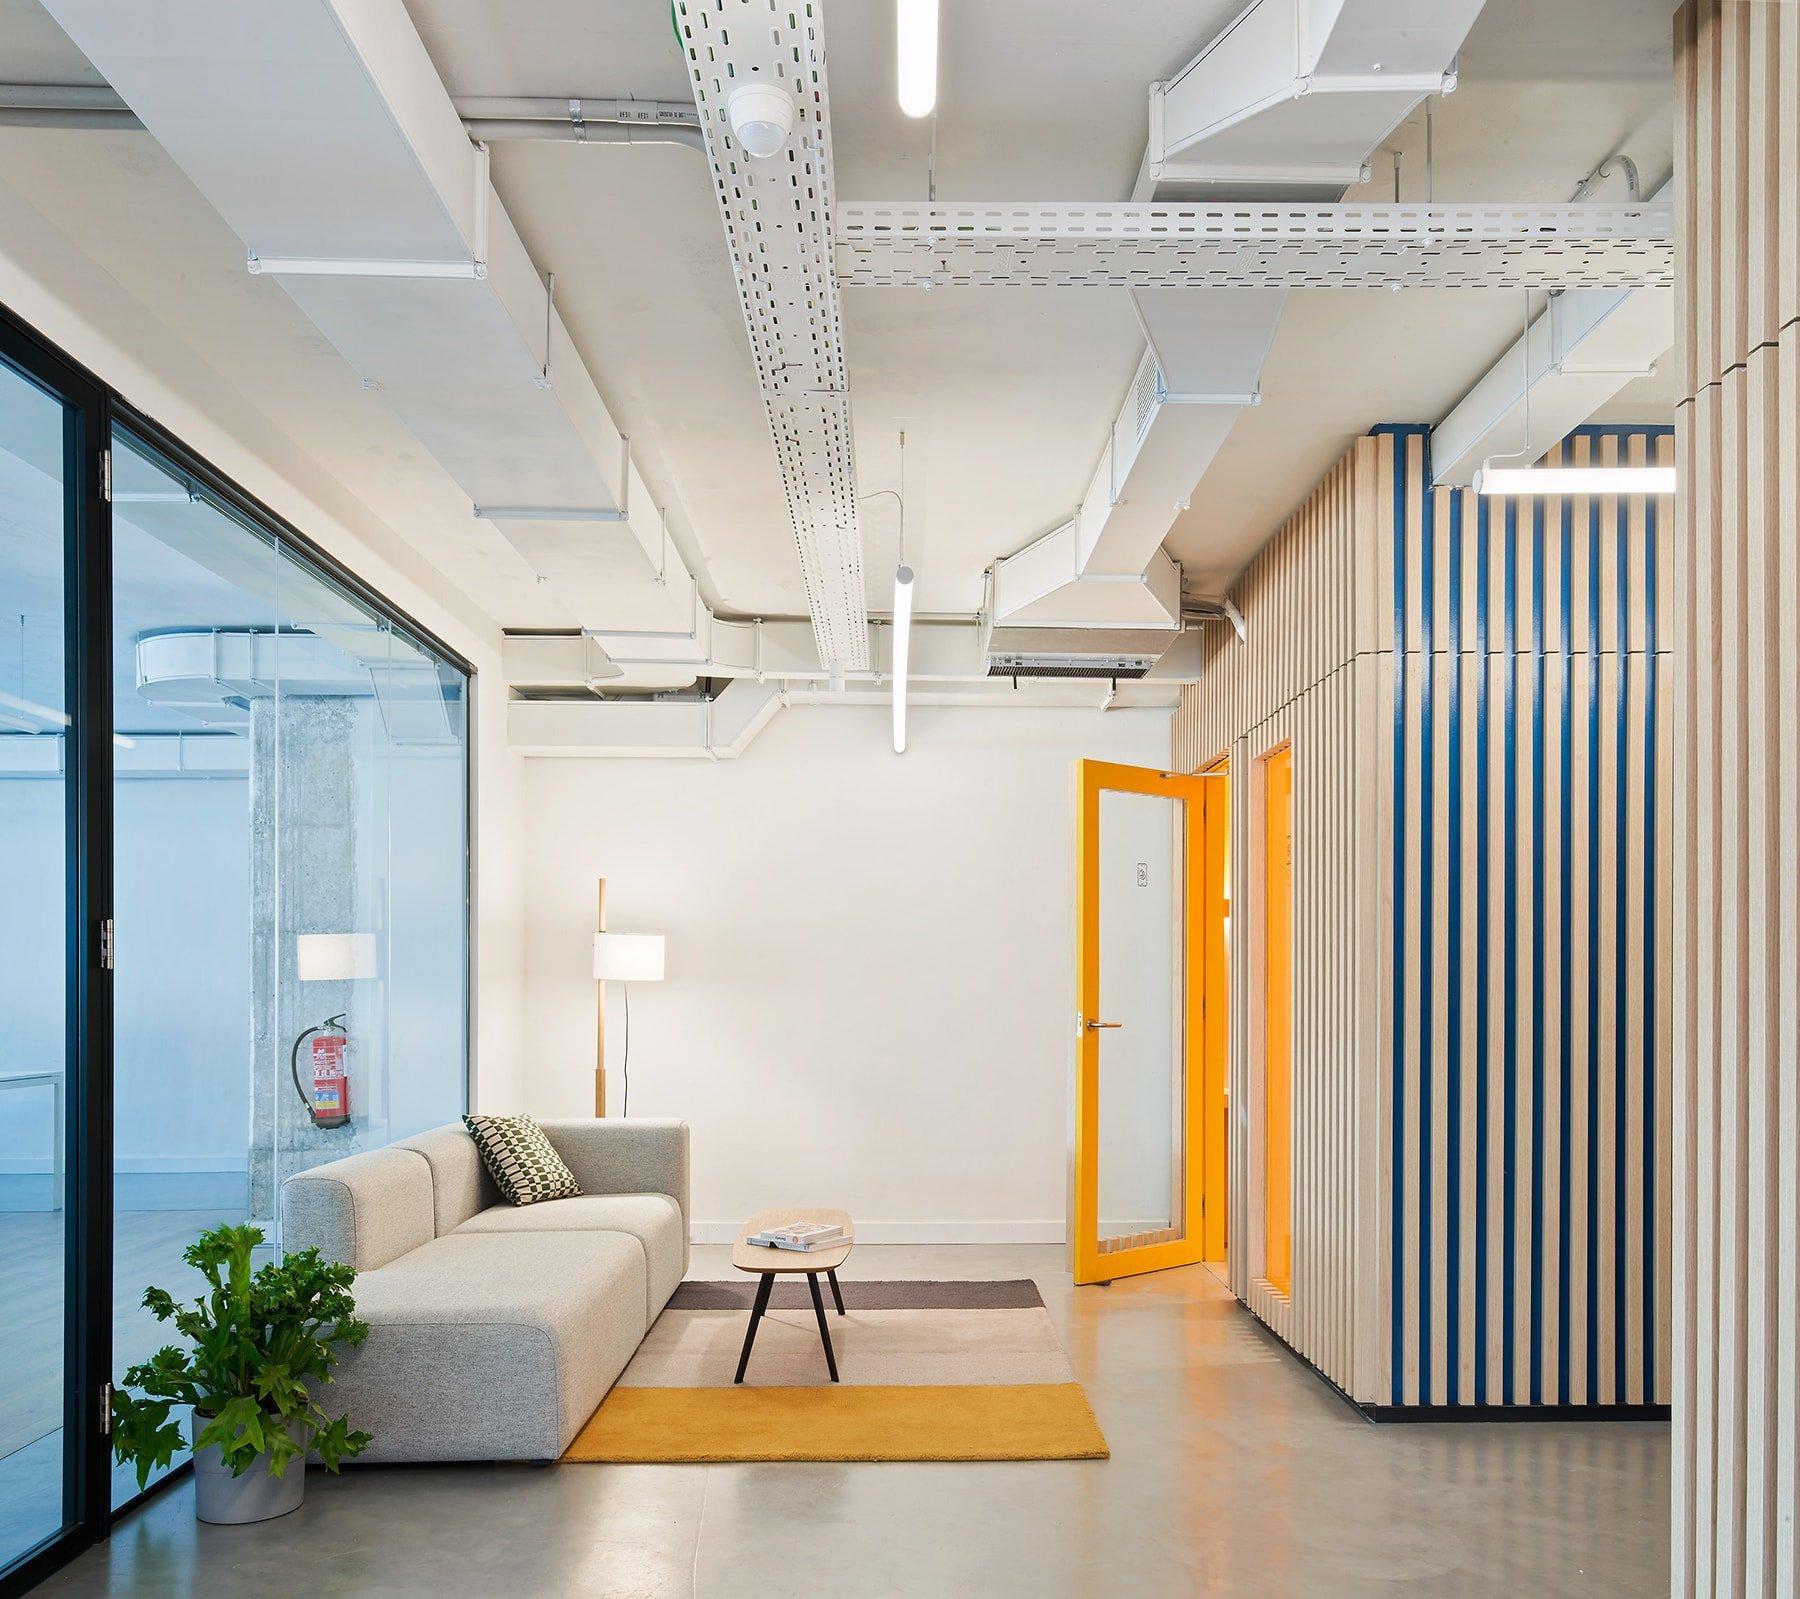 Los colores llamativos ayudan a identificar distintos espacios con distintas funciones, como por ejemplo el meeting room o el phone booth.